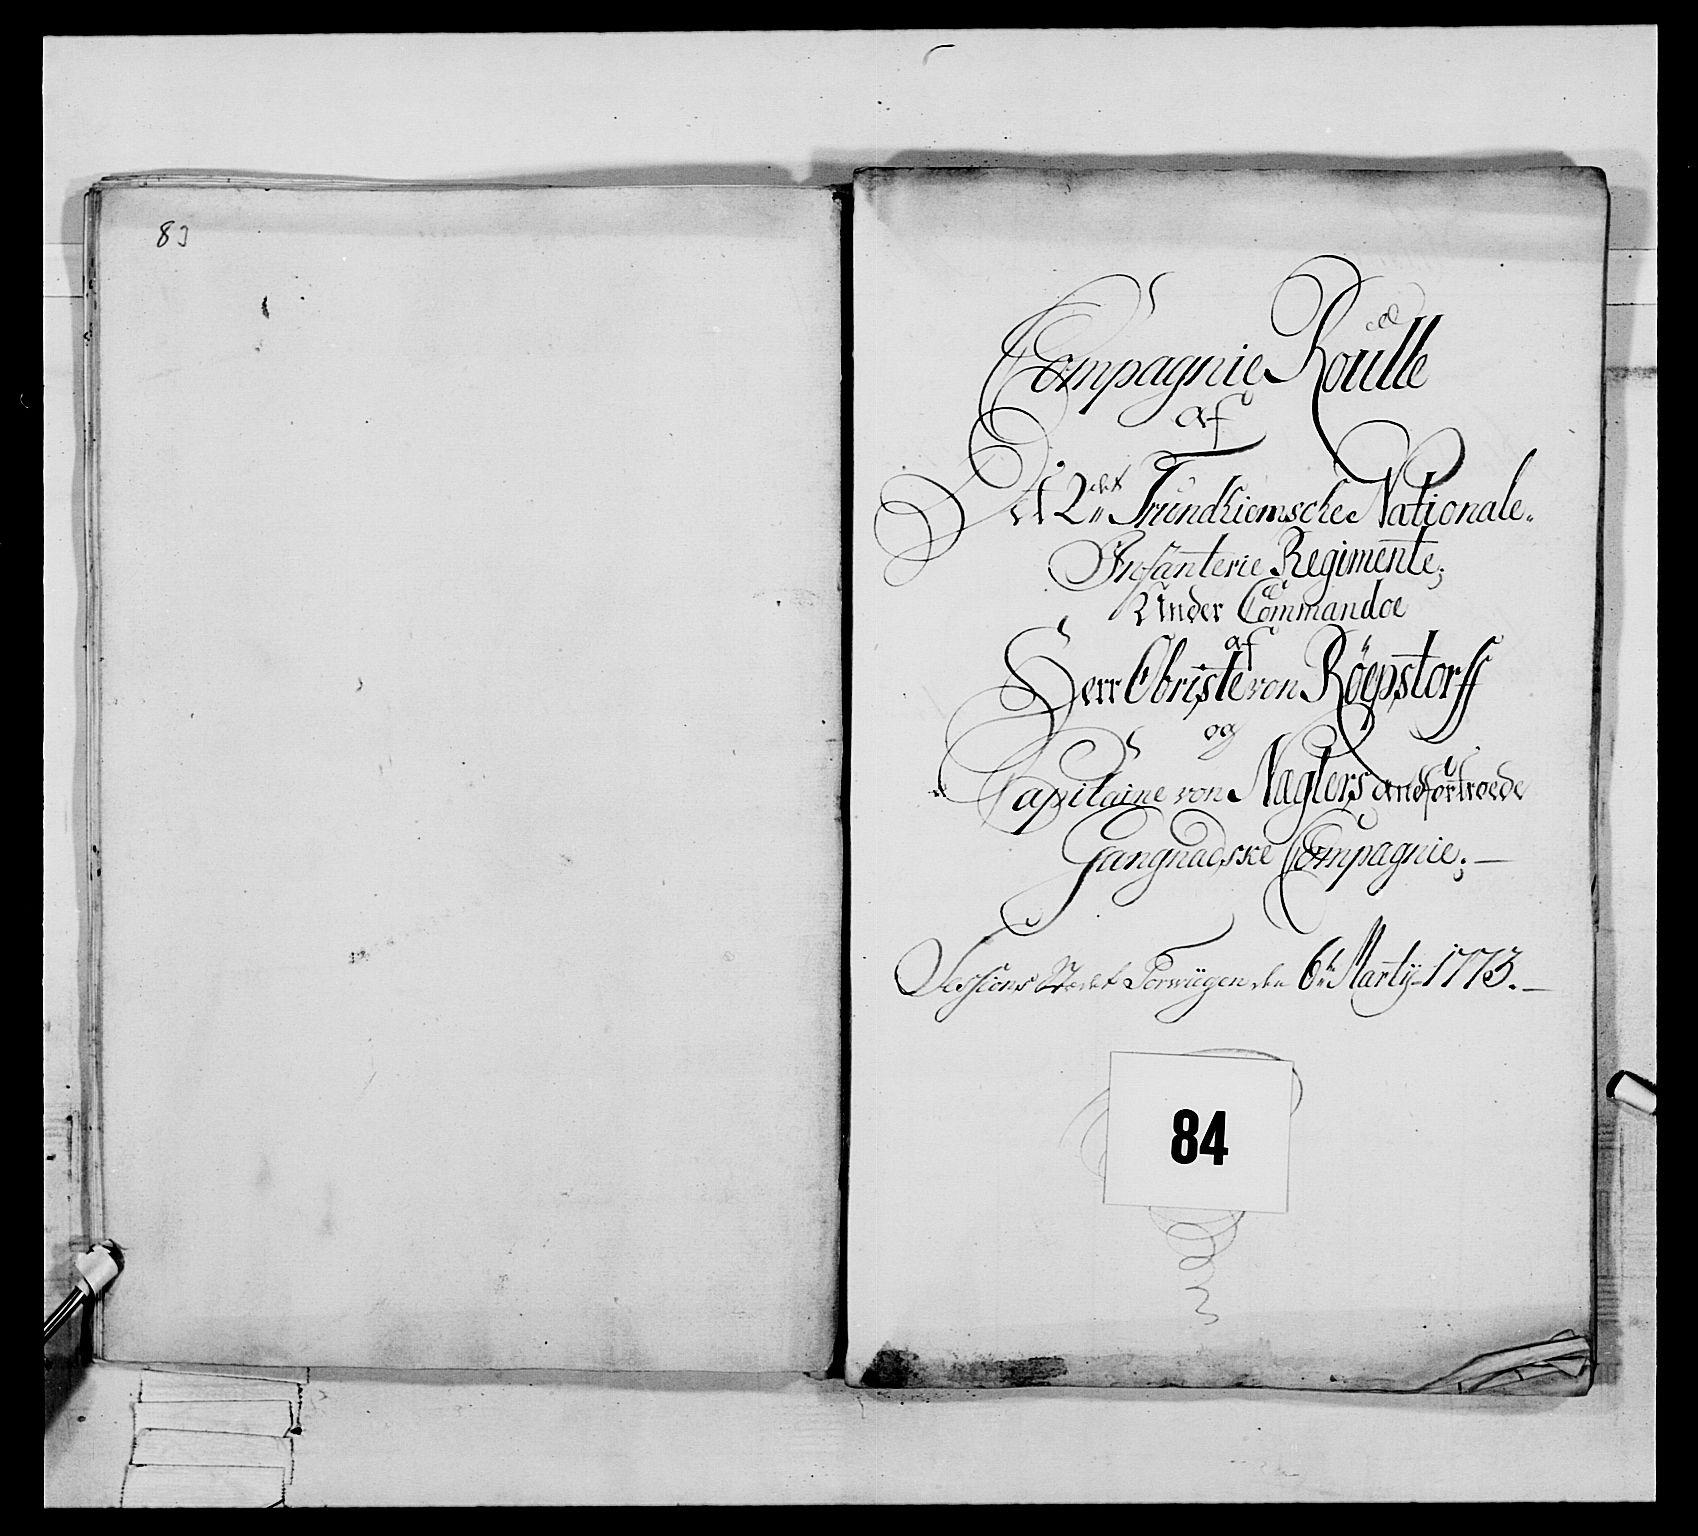 RA, Generalitets- og kommissariatskollegiet, Det kongelige norske kommissariatskollegium, E/Eh/L0076: 2. Trondheimske nasjonale infanteriregiment, 1766-1773, s. 444